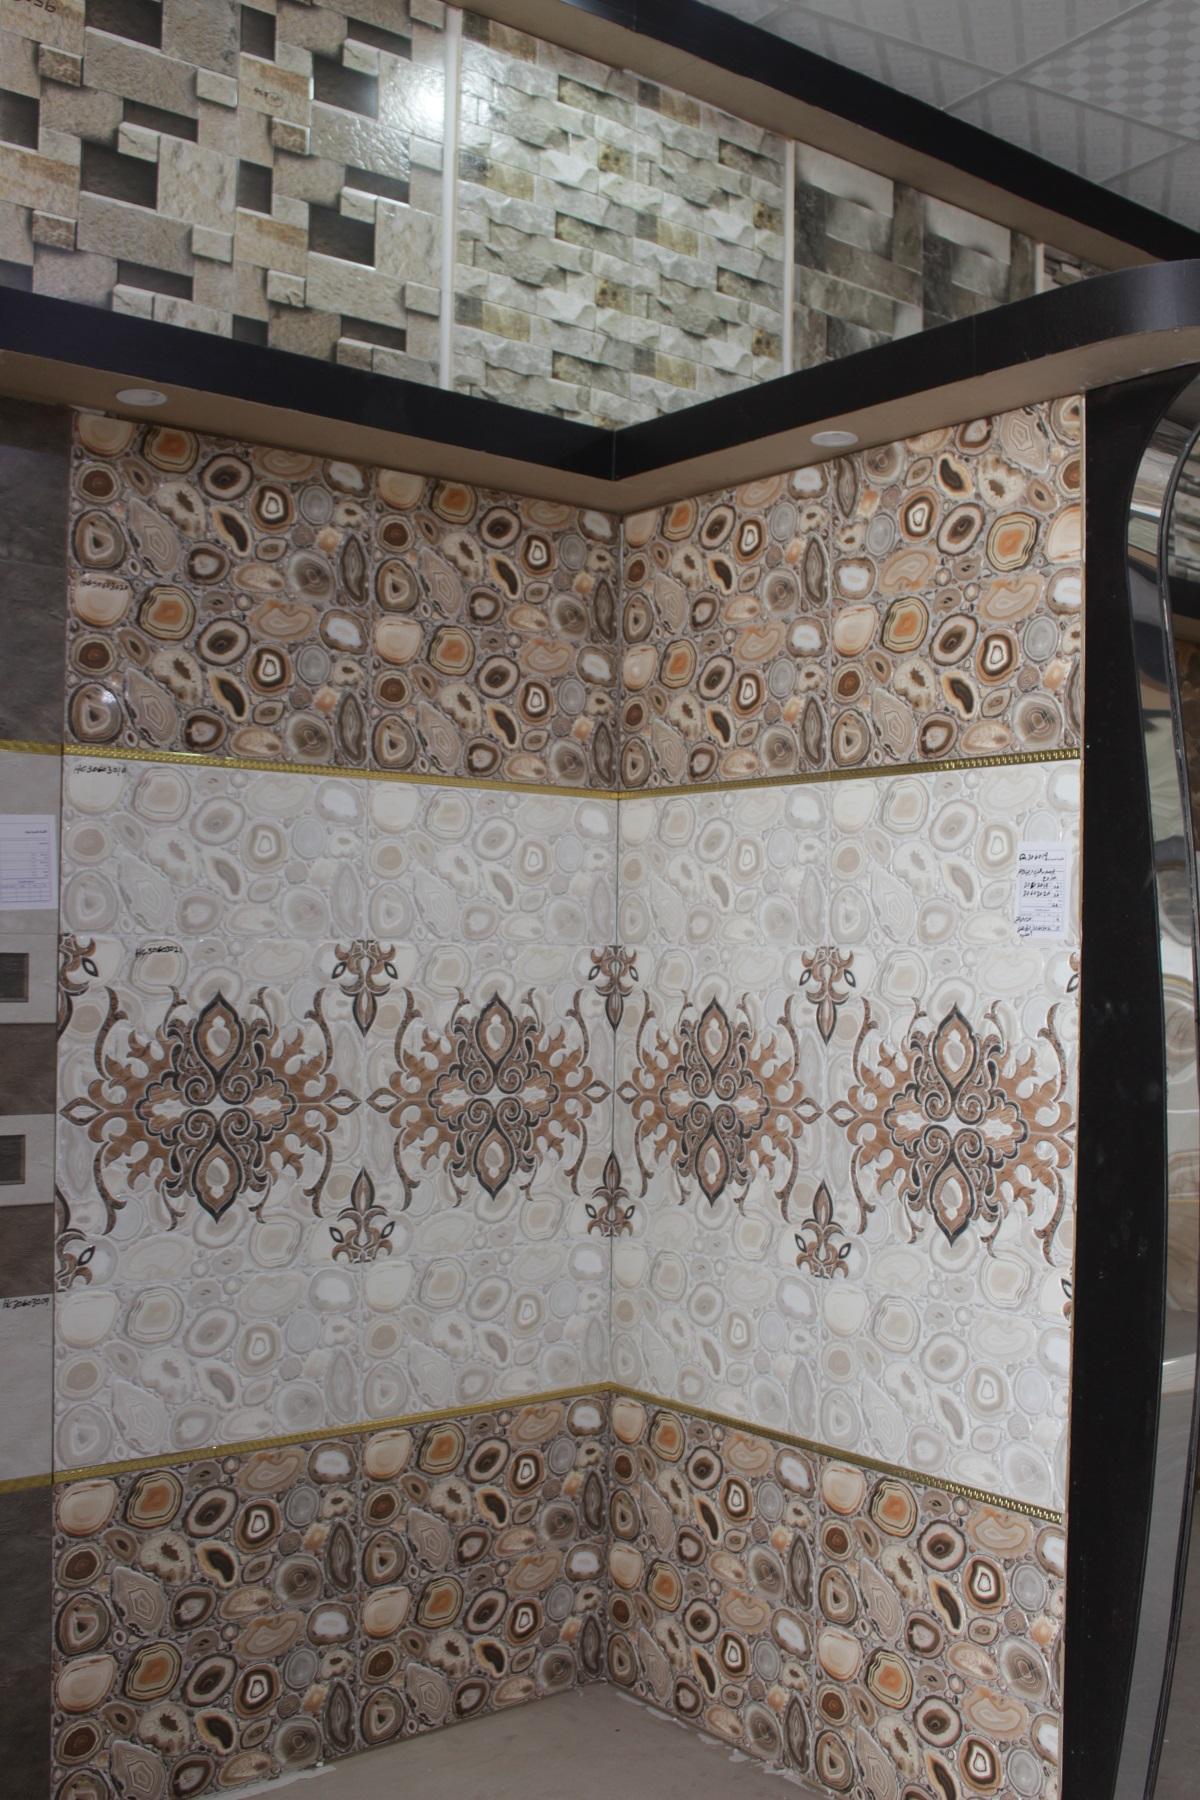 بالصور سيراميك جدران , افخم السيراميك لكل الاغراض منها الجدران 455 10